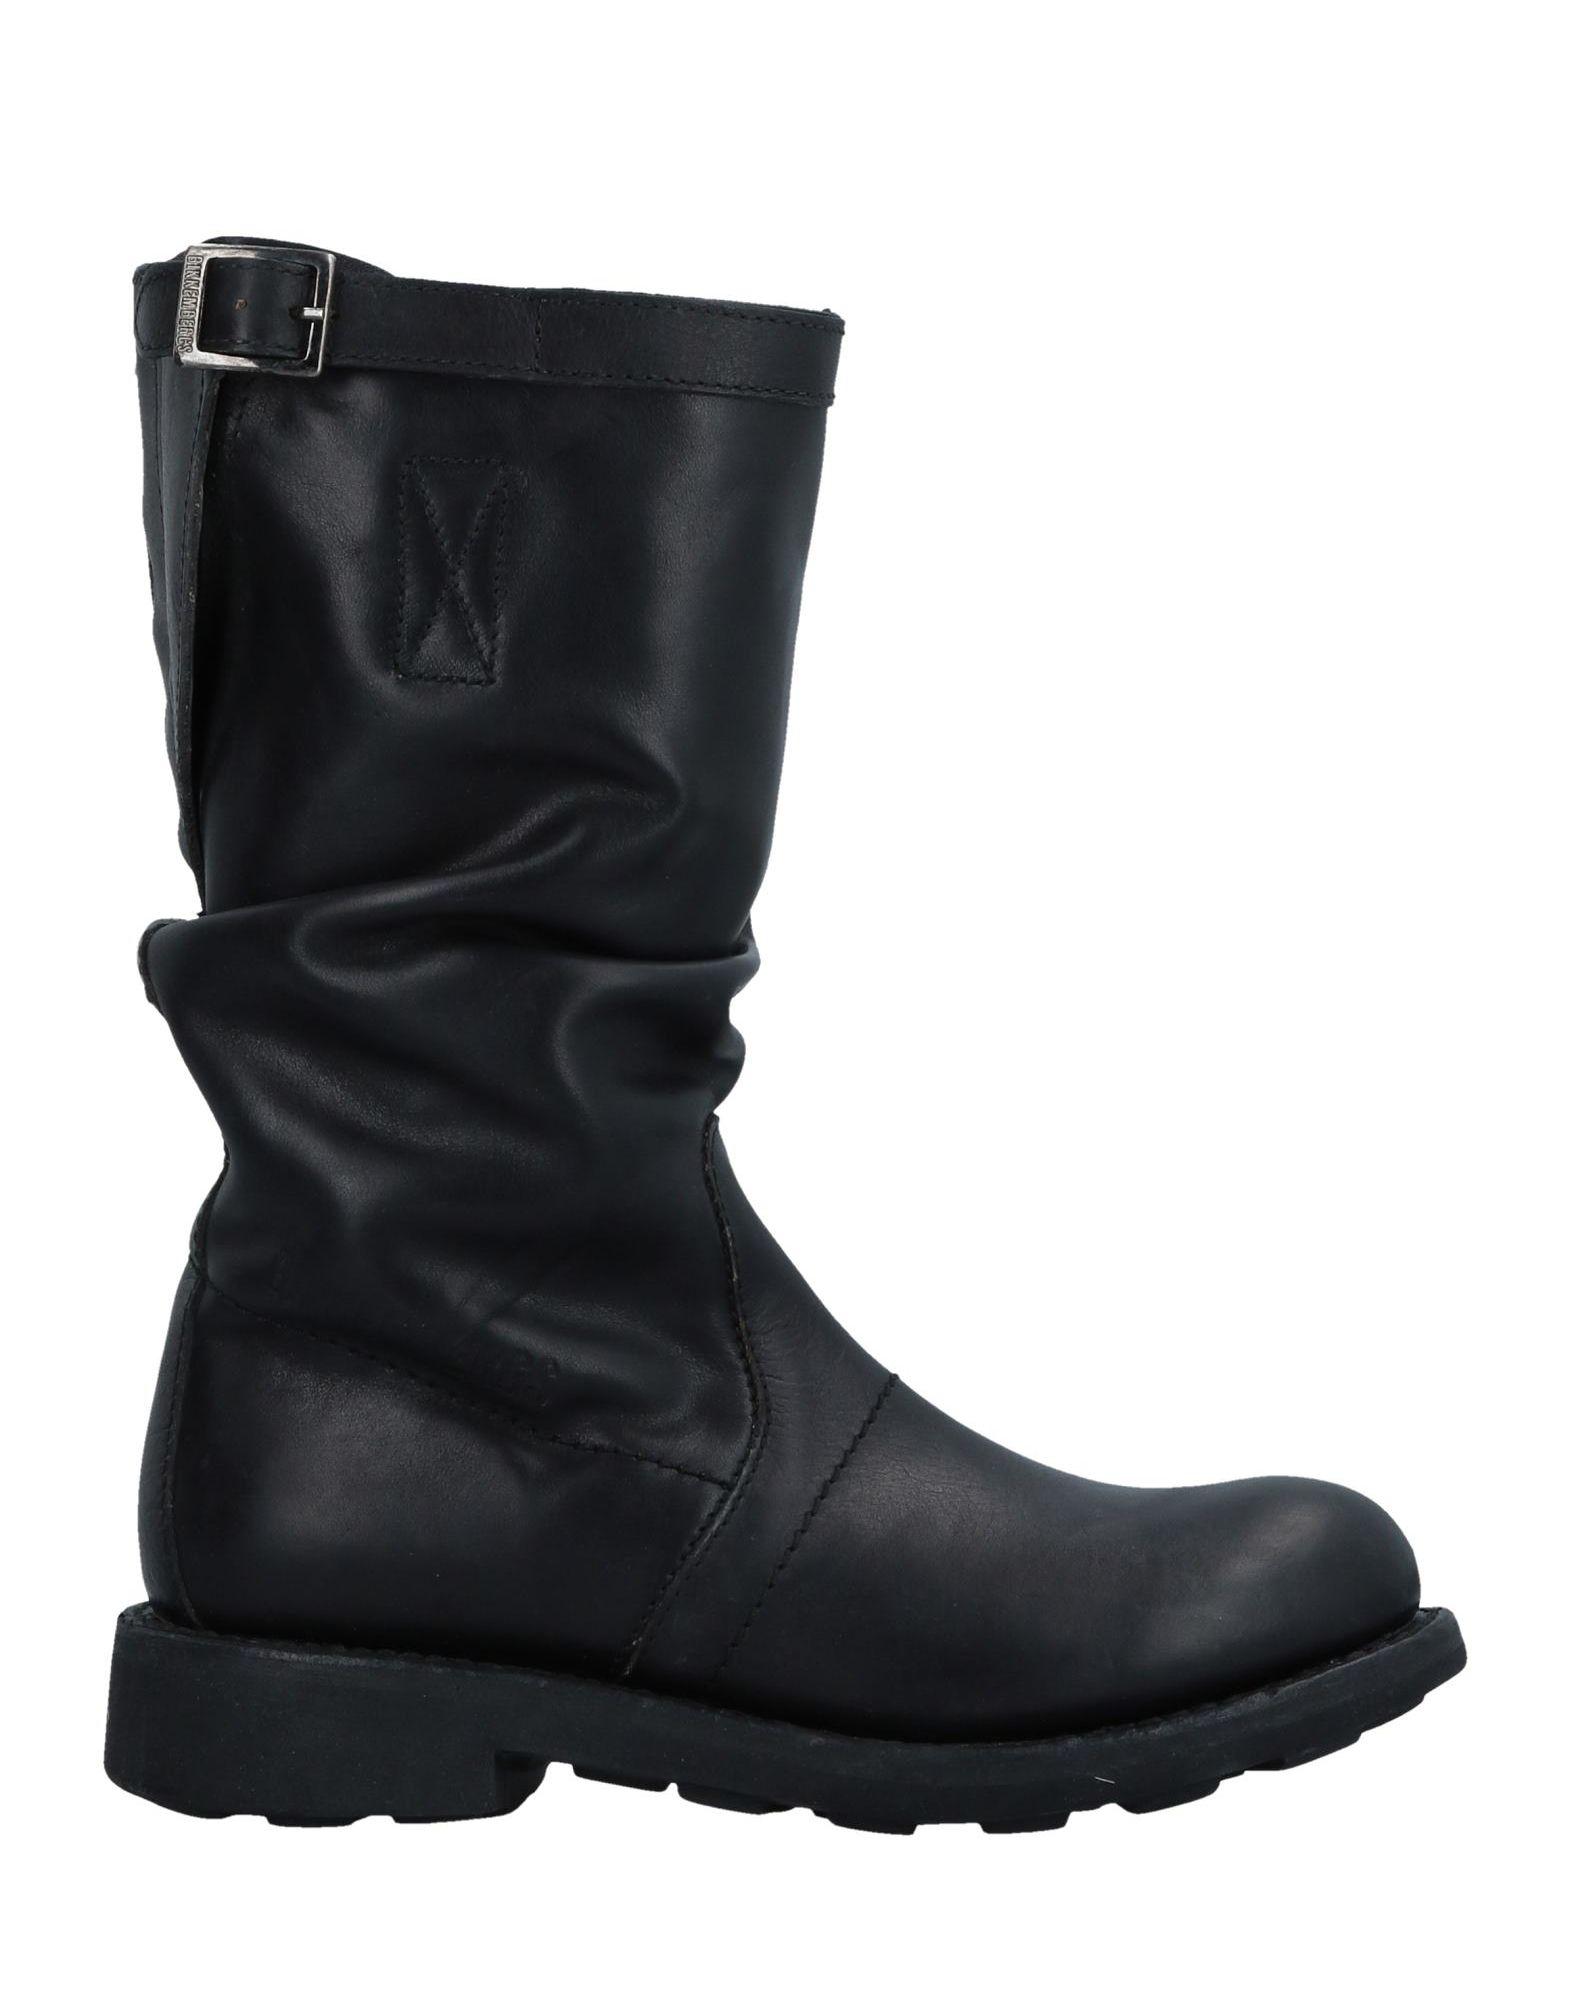 Bikkembergs Stiefel Damen  11521826XFGut aussehende strapazierfähige Schuhe